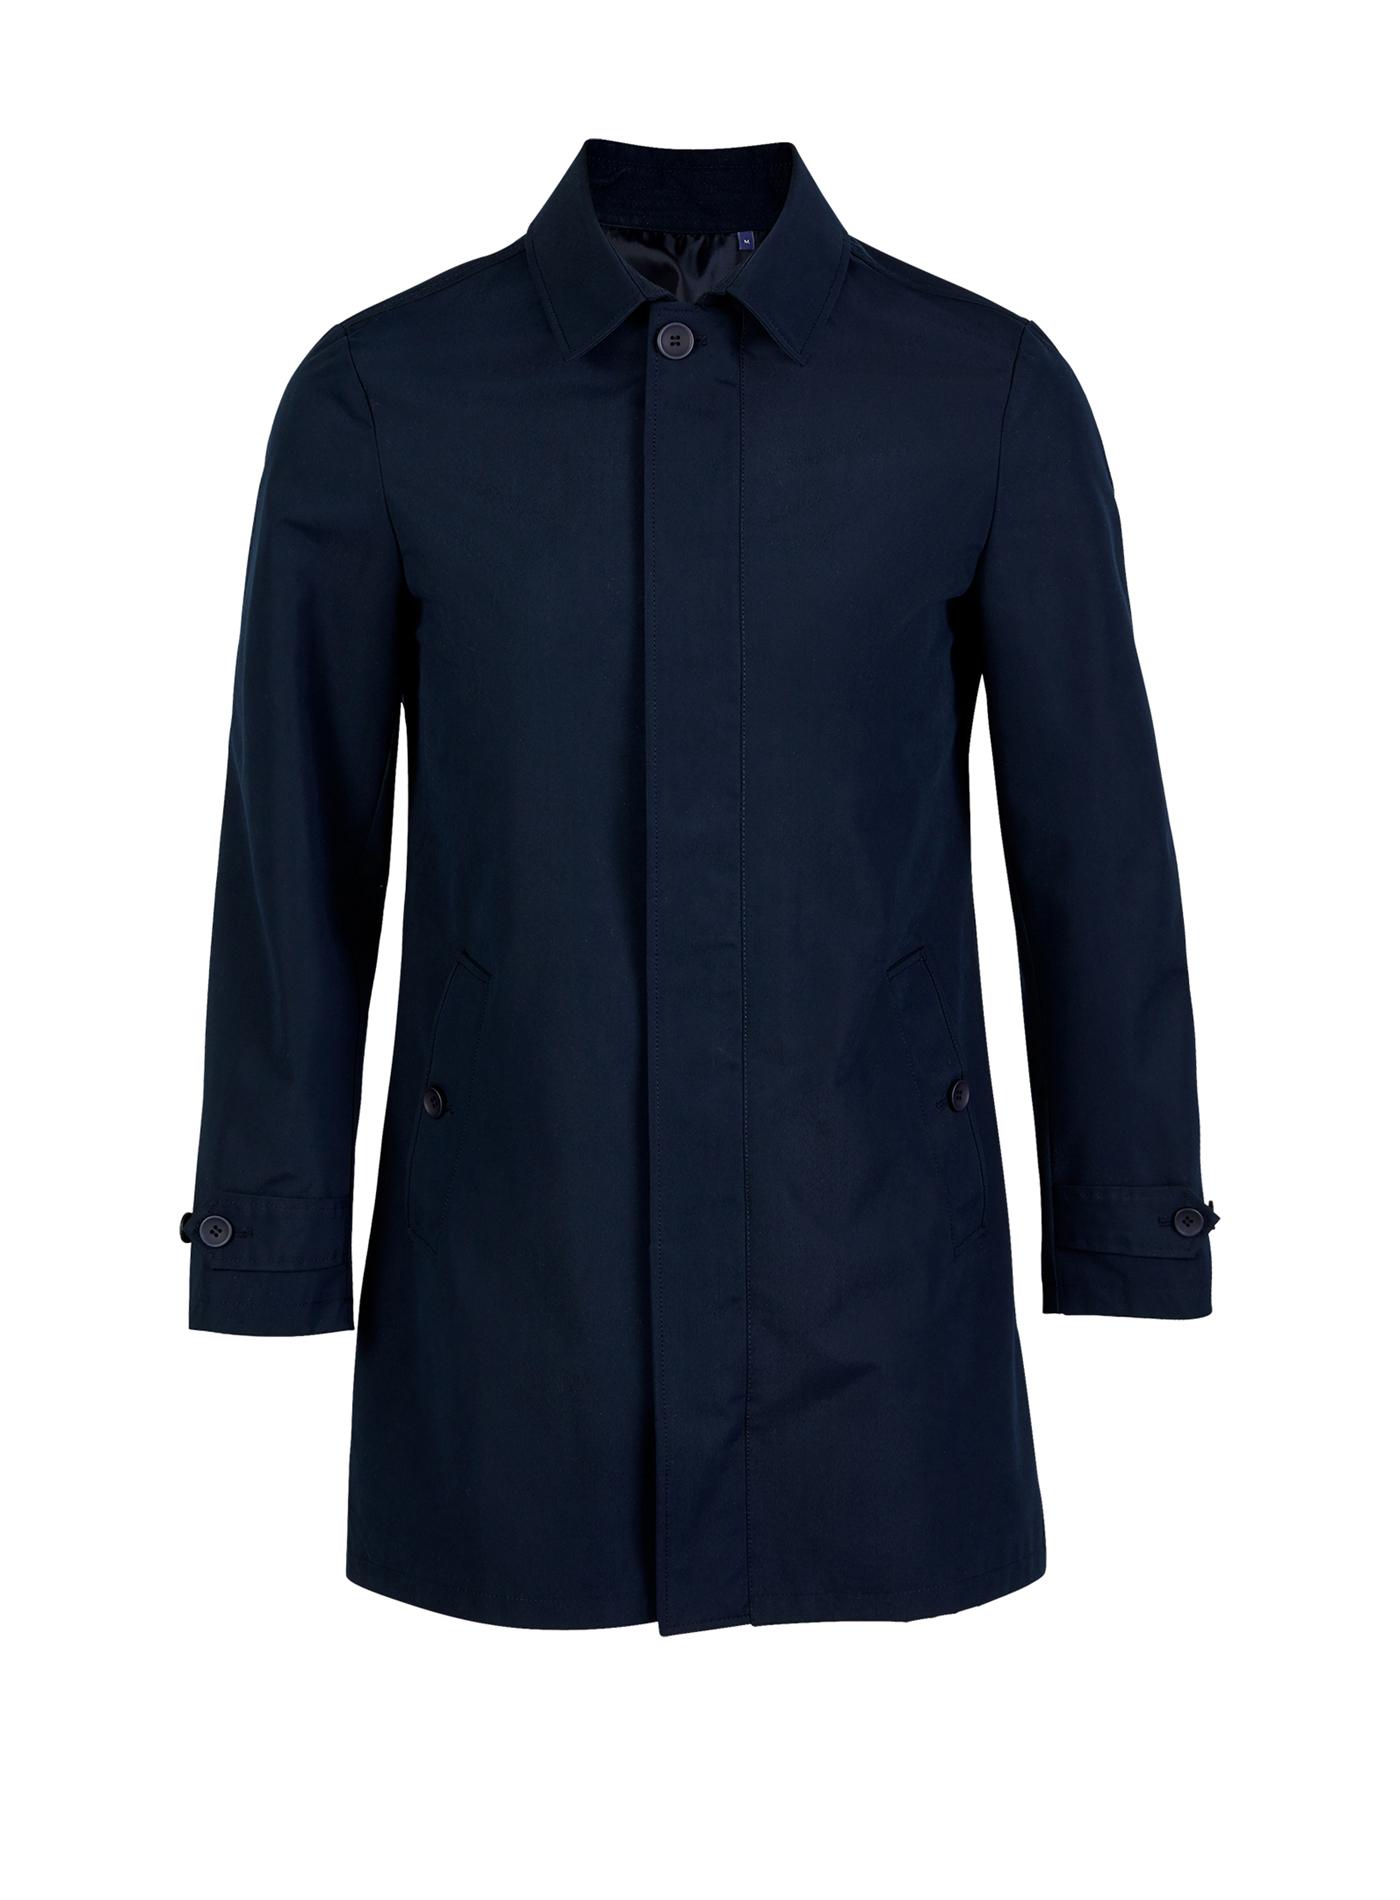 Pánský krátký kabát Alfred - Temně modrá S